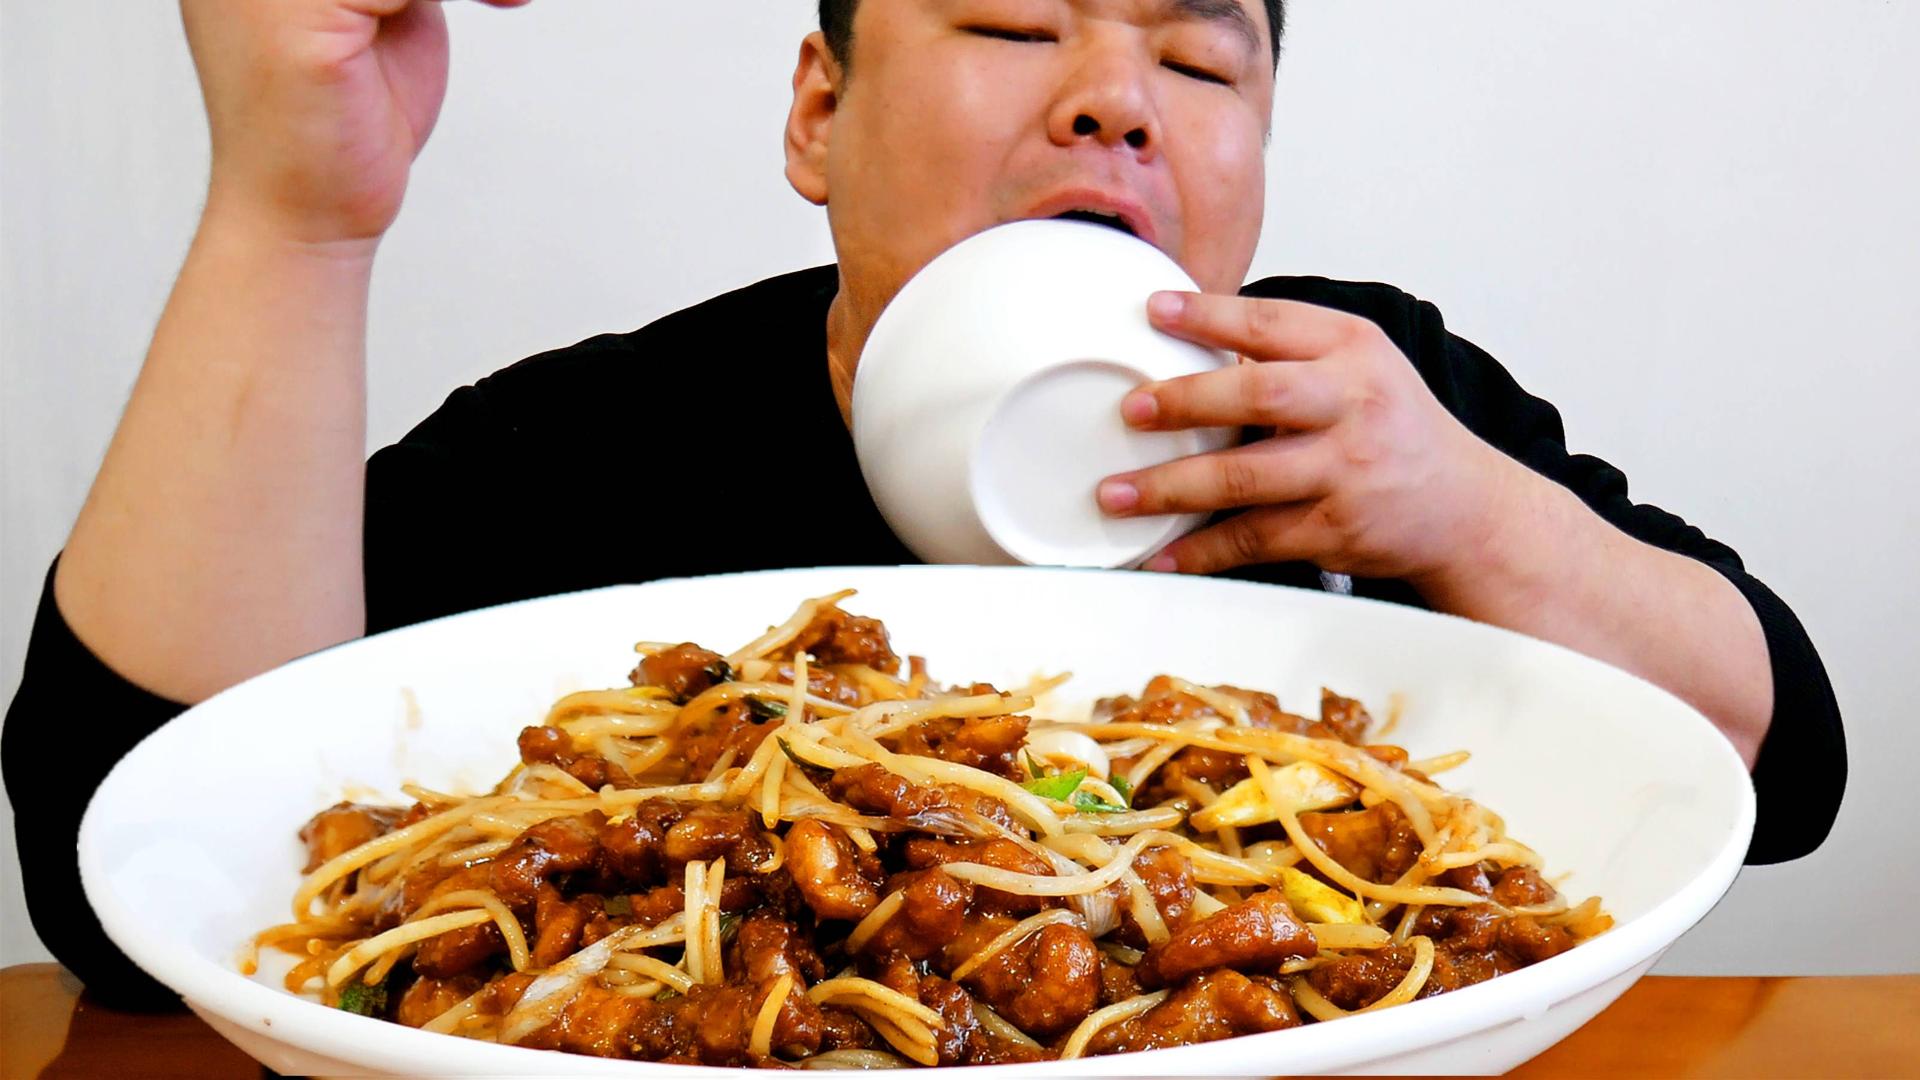 【醋溜肉丝】舔碗级下饭神菜,这酸爽你值得拥有!